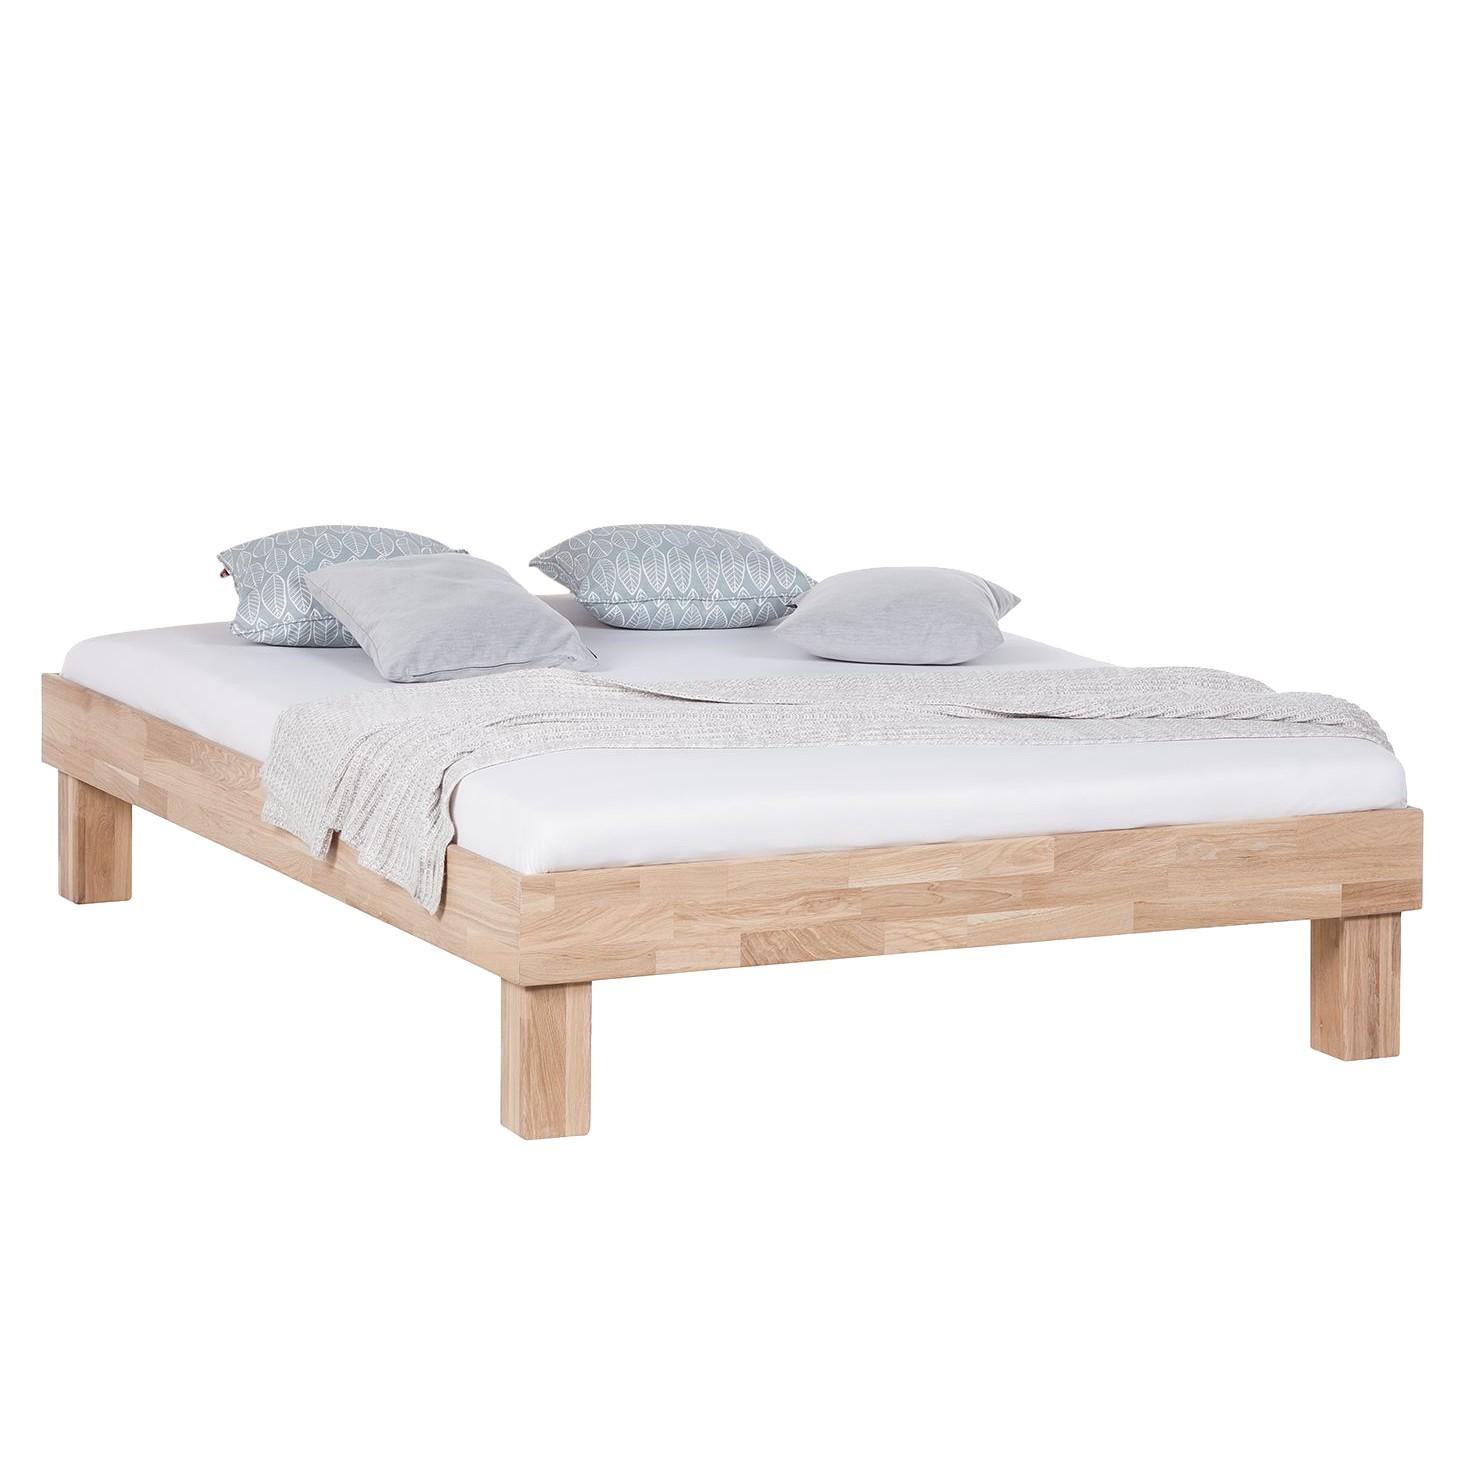 home24 Massivholzbett AresWOOD | Schlafzimmer > Betten > Massivholzbetten | Beige | Massivholz | Ars Natura